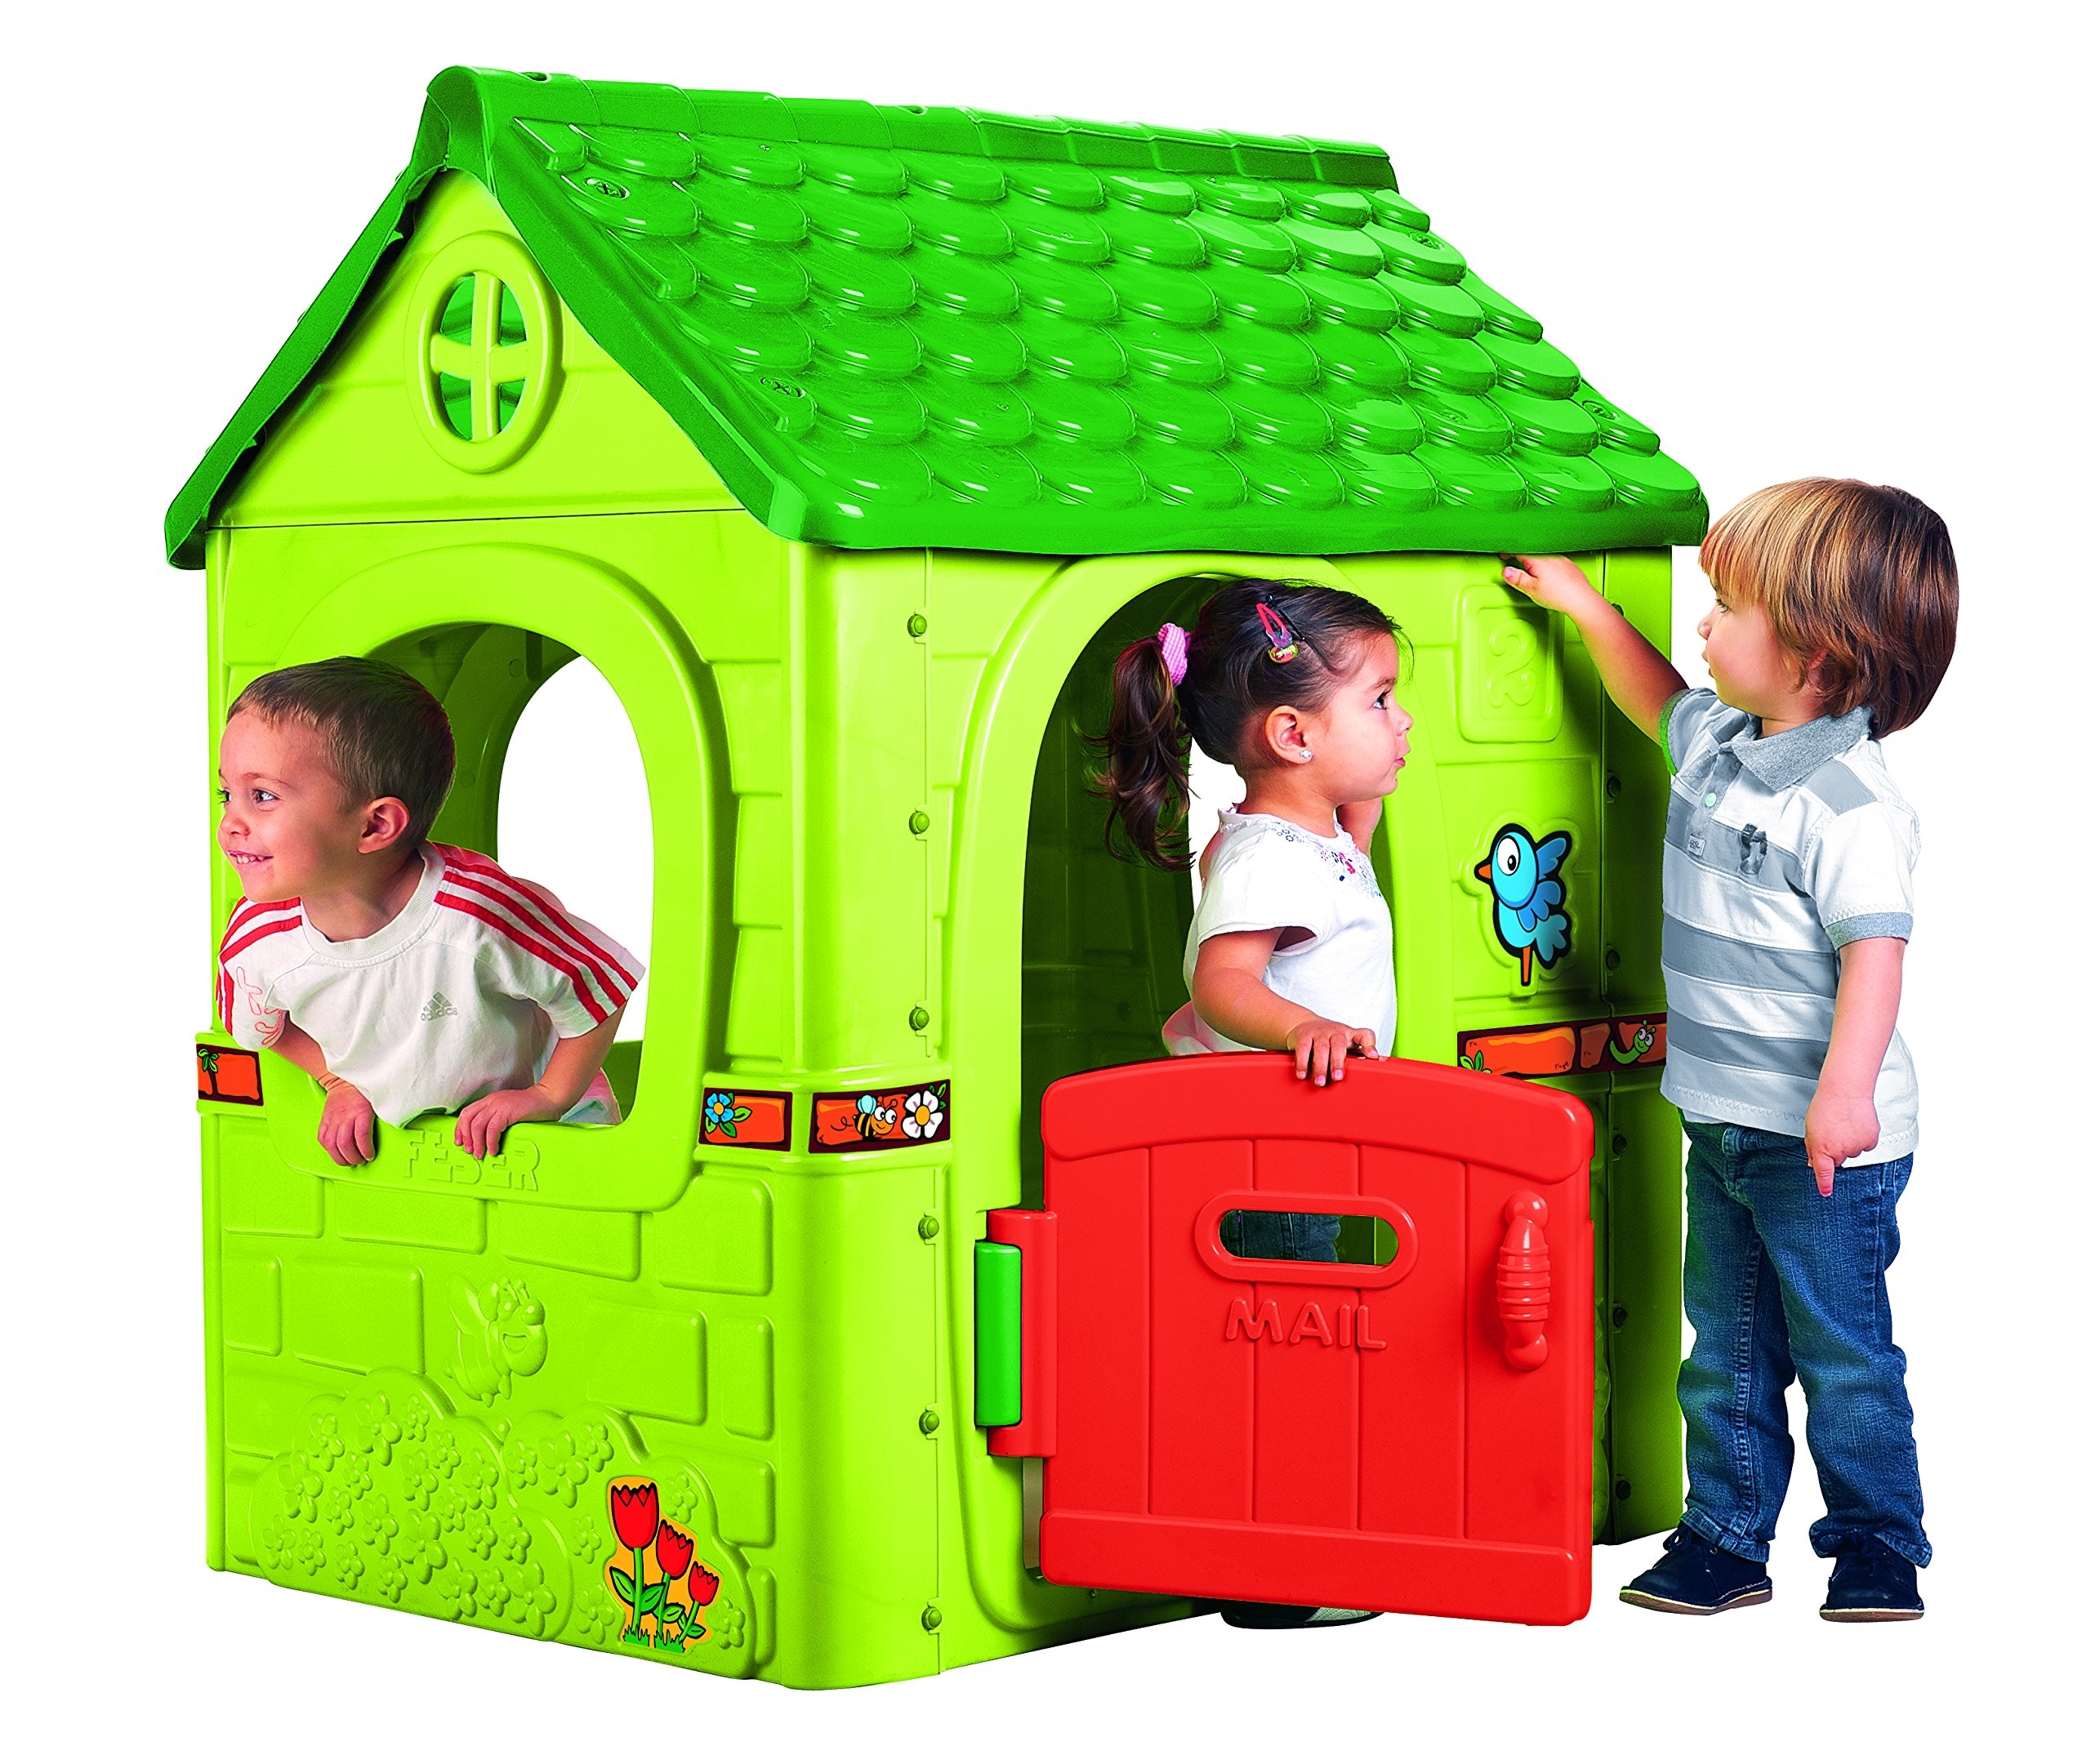 FEBER - Casita de fantasía (Famosa 800008570): Feber - 800008570 - Jeu de Plein Air - Fantasy House: Amazon.es: Juguetes y juegos